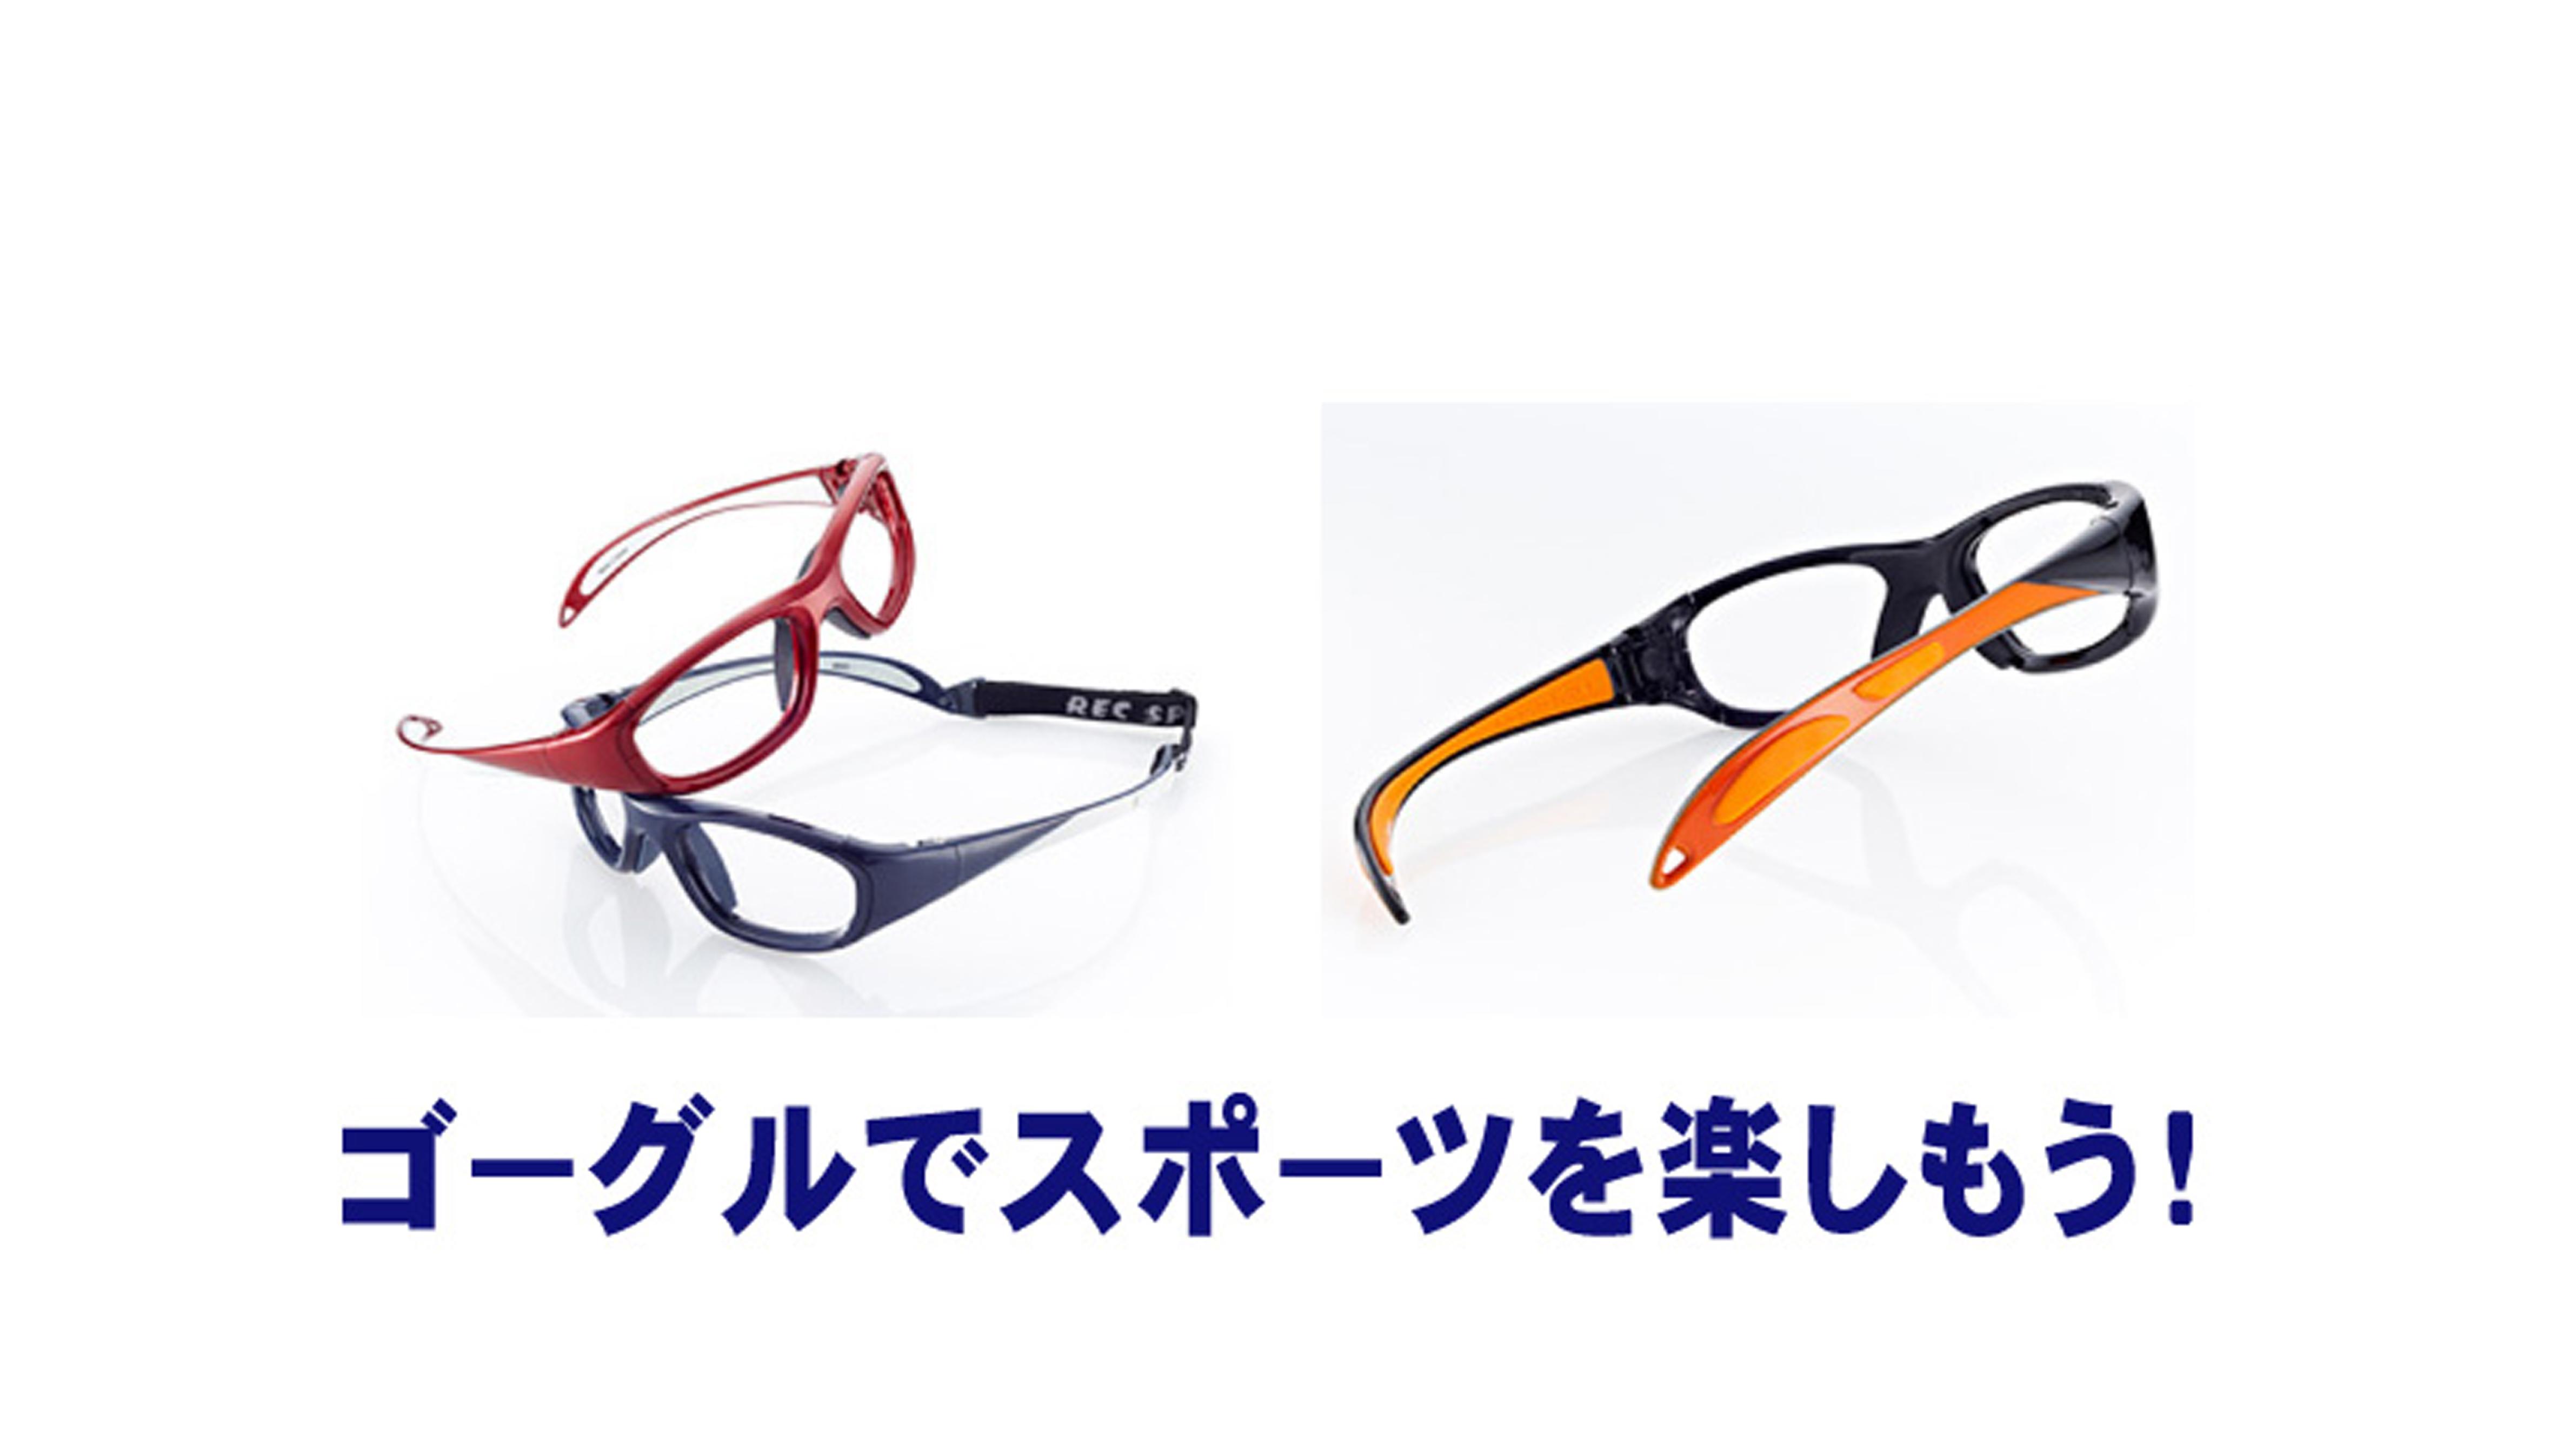 スポ-ツ用ゴ-グル(RECSPECS)